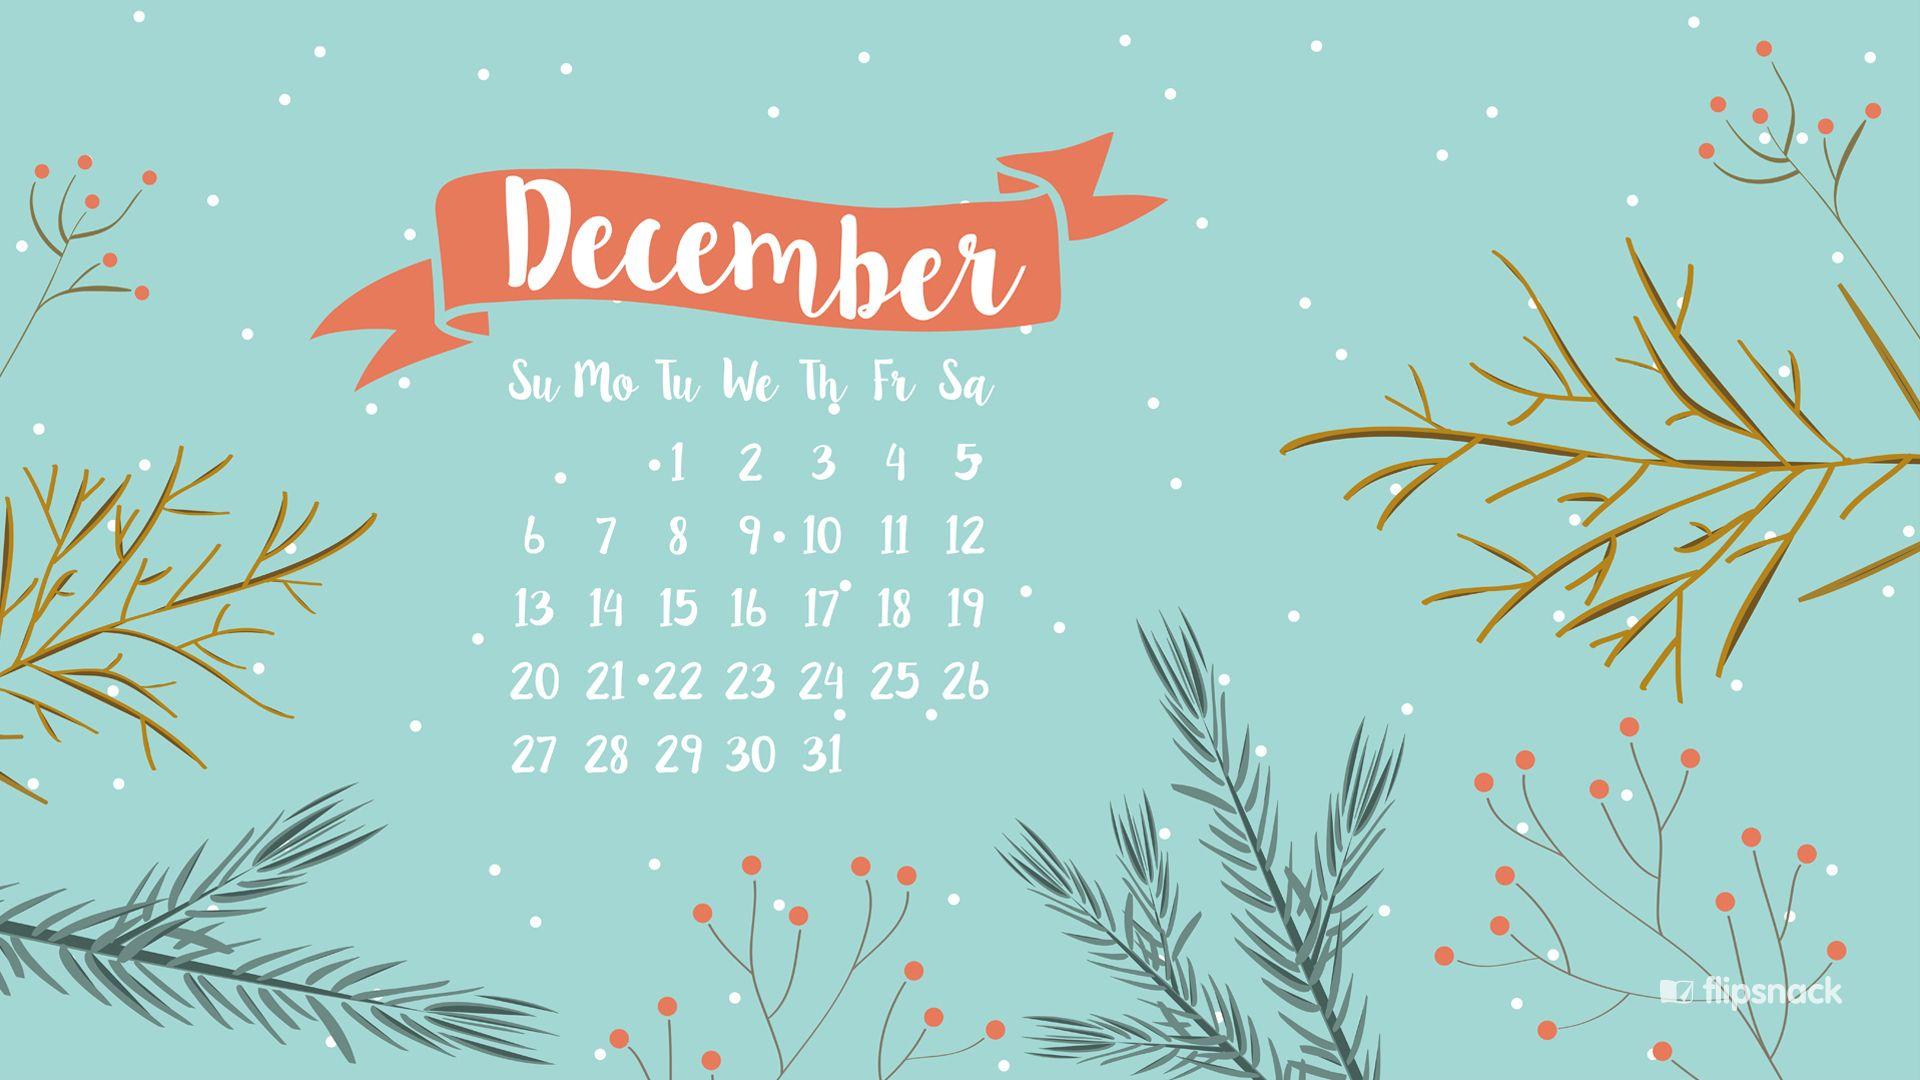 December Wallpapers   Top December Backgrounds   WallpaperAccess 1920x1080